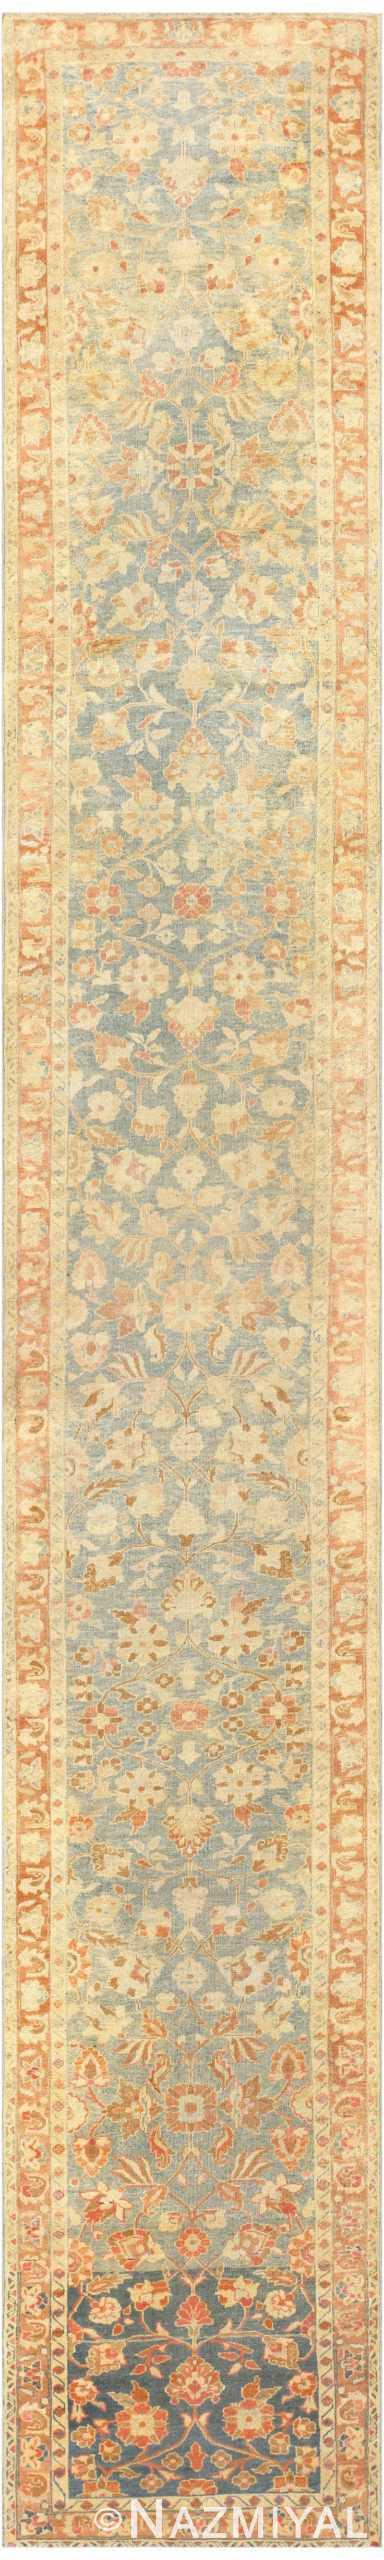 Light Blue Antique Persian Tabriz Runner Rug 47982 by nazmiyal